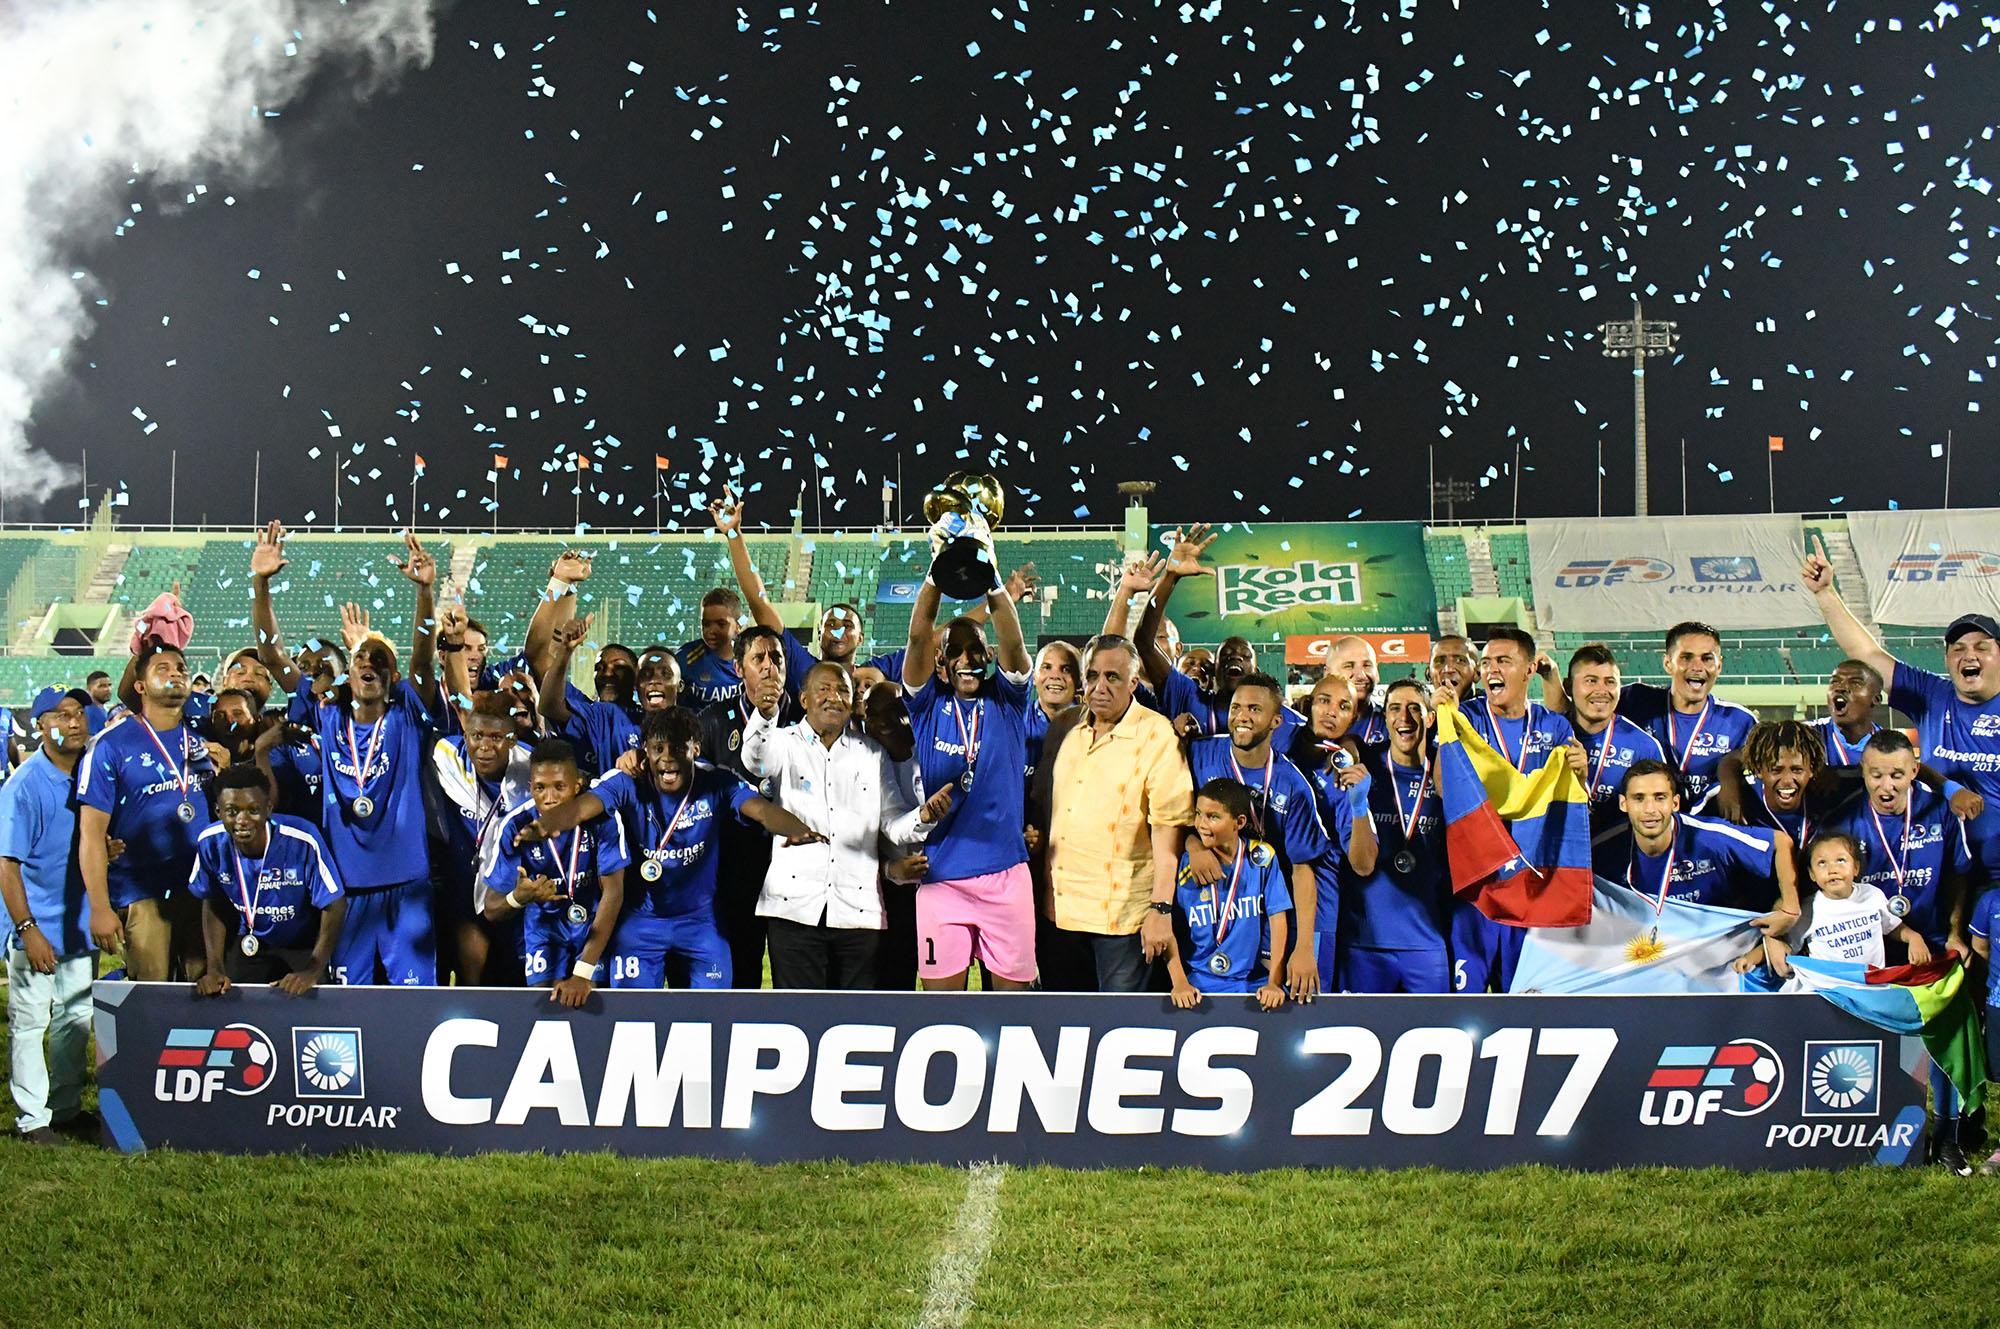 Atlatico FC, campeón de la temporada LDF 2017